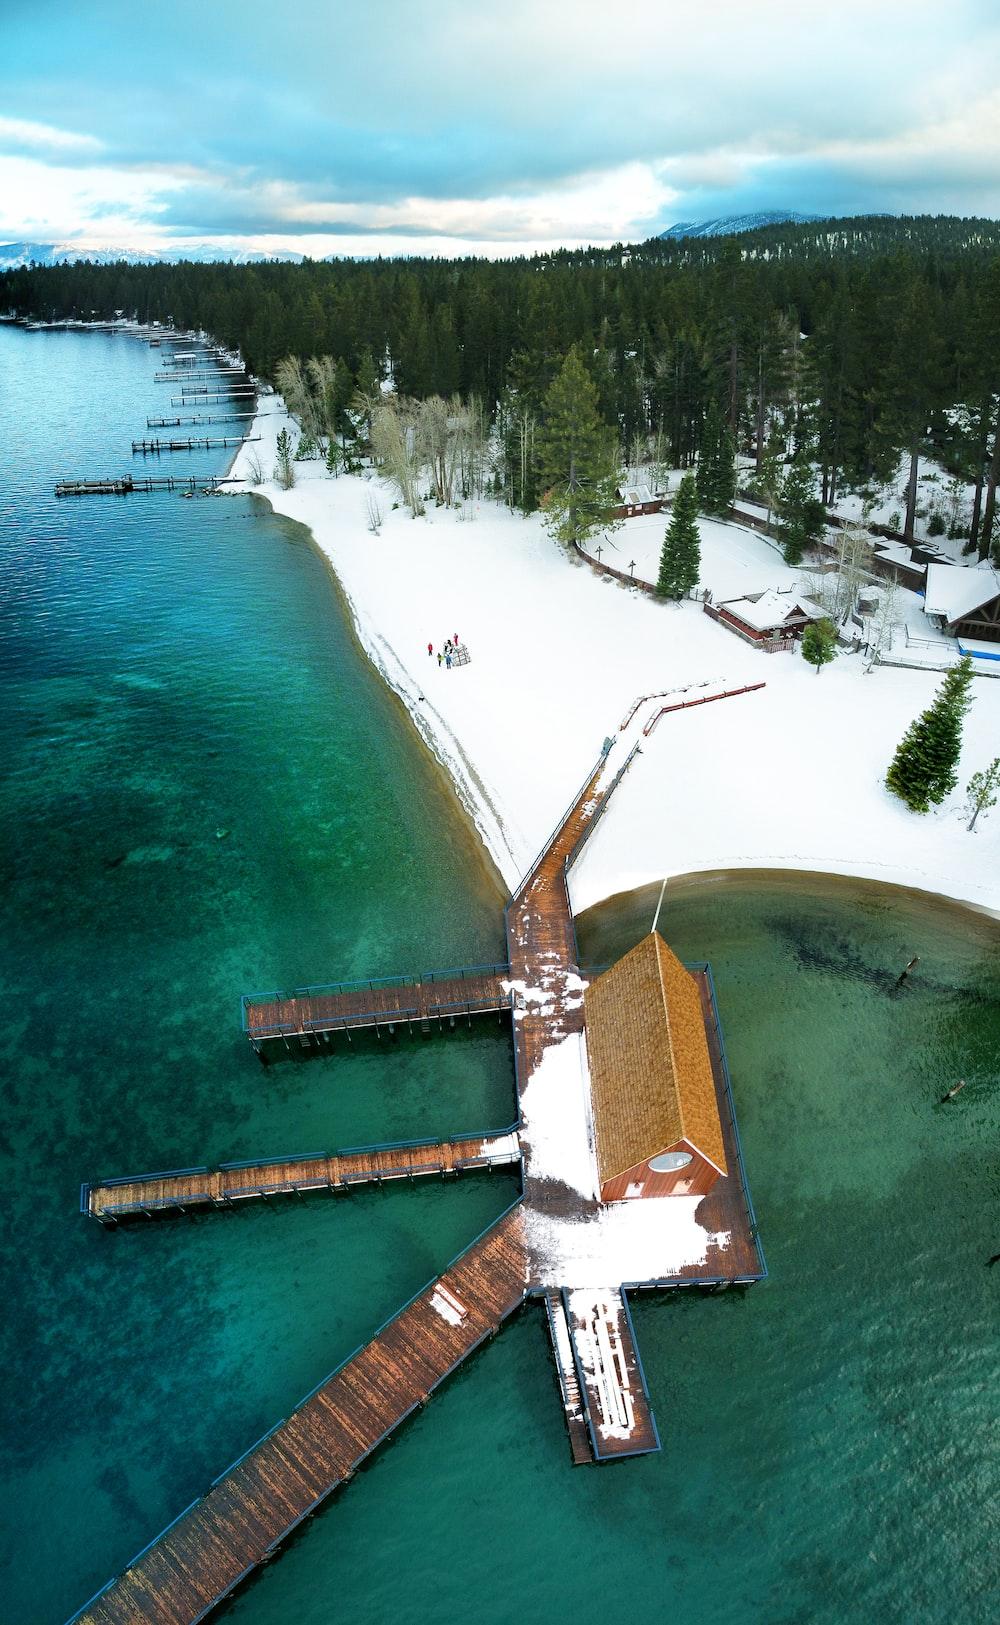 wooden dock near trees